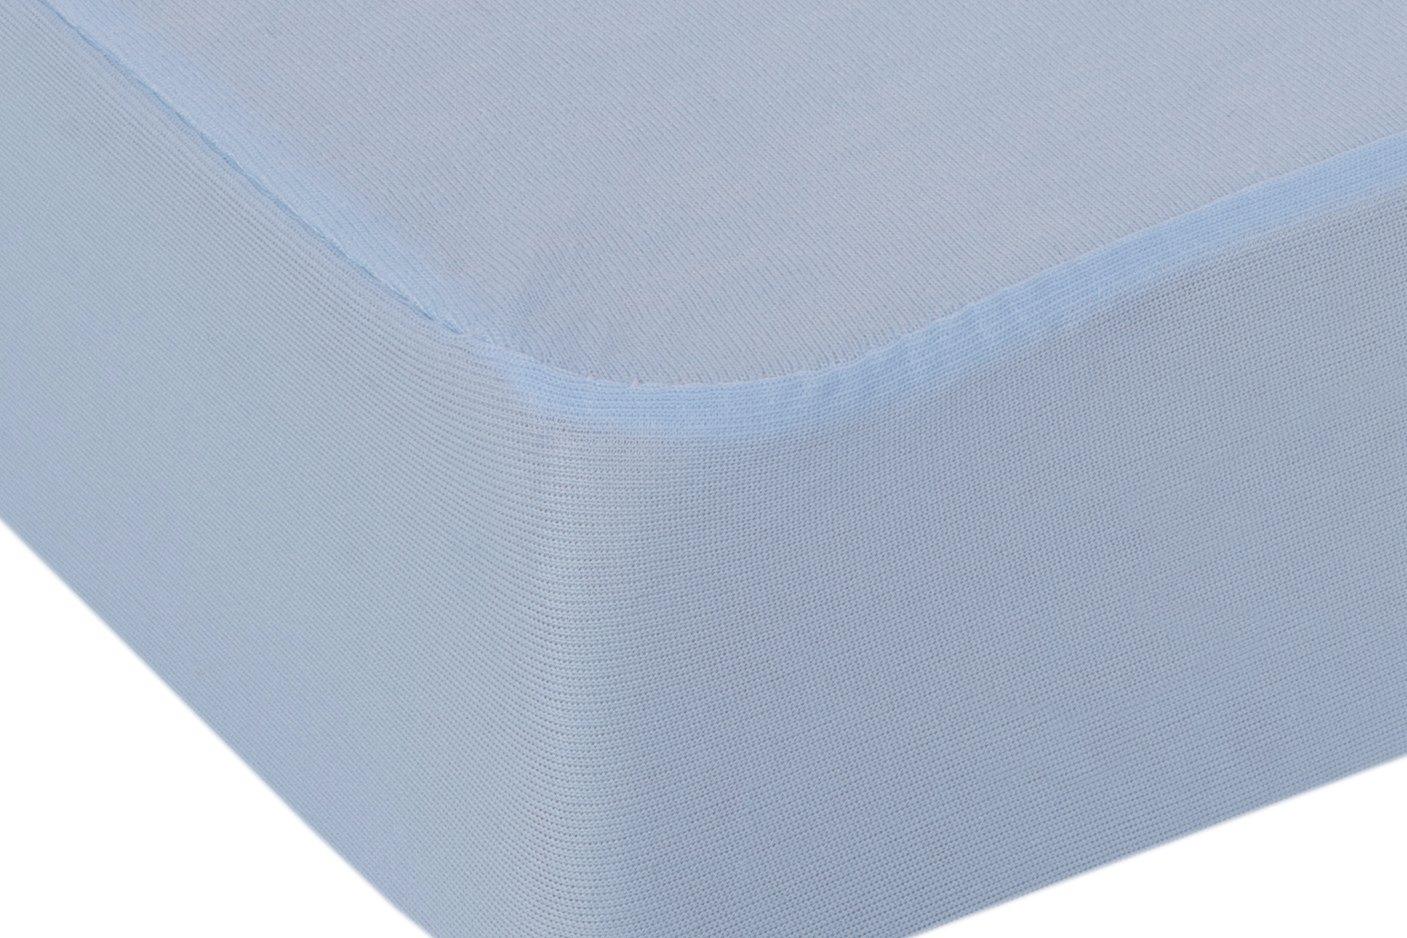 B.sensible wasserdicht bsensible 101 nt0120020025 – Bettlaken Abdeckung, Tencel, wasserdicht B.sensible und atmungsaktiv, 200 x 200 cm, Fuchsia 834f02